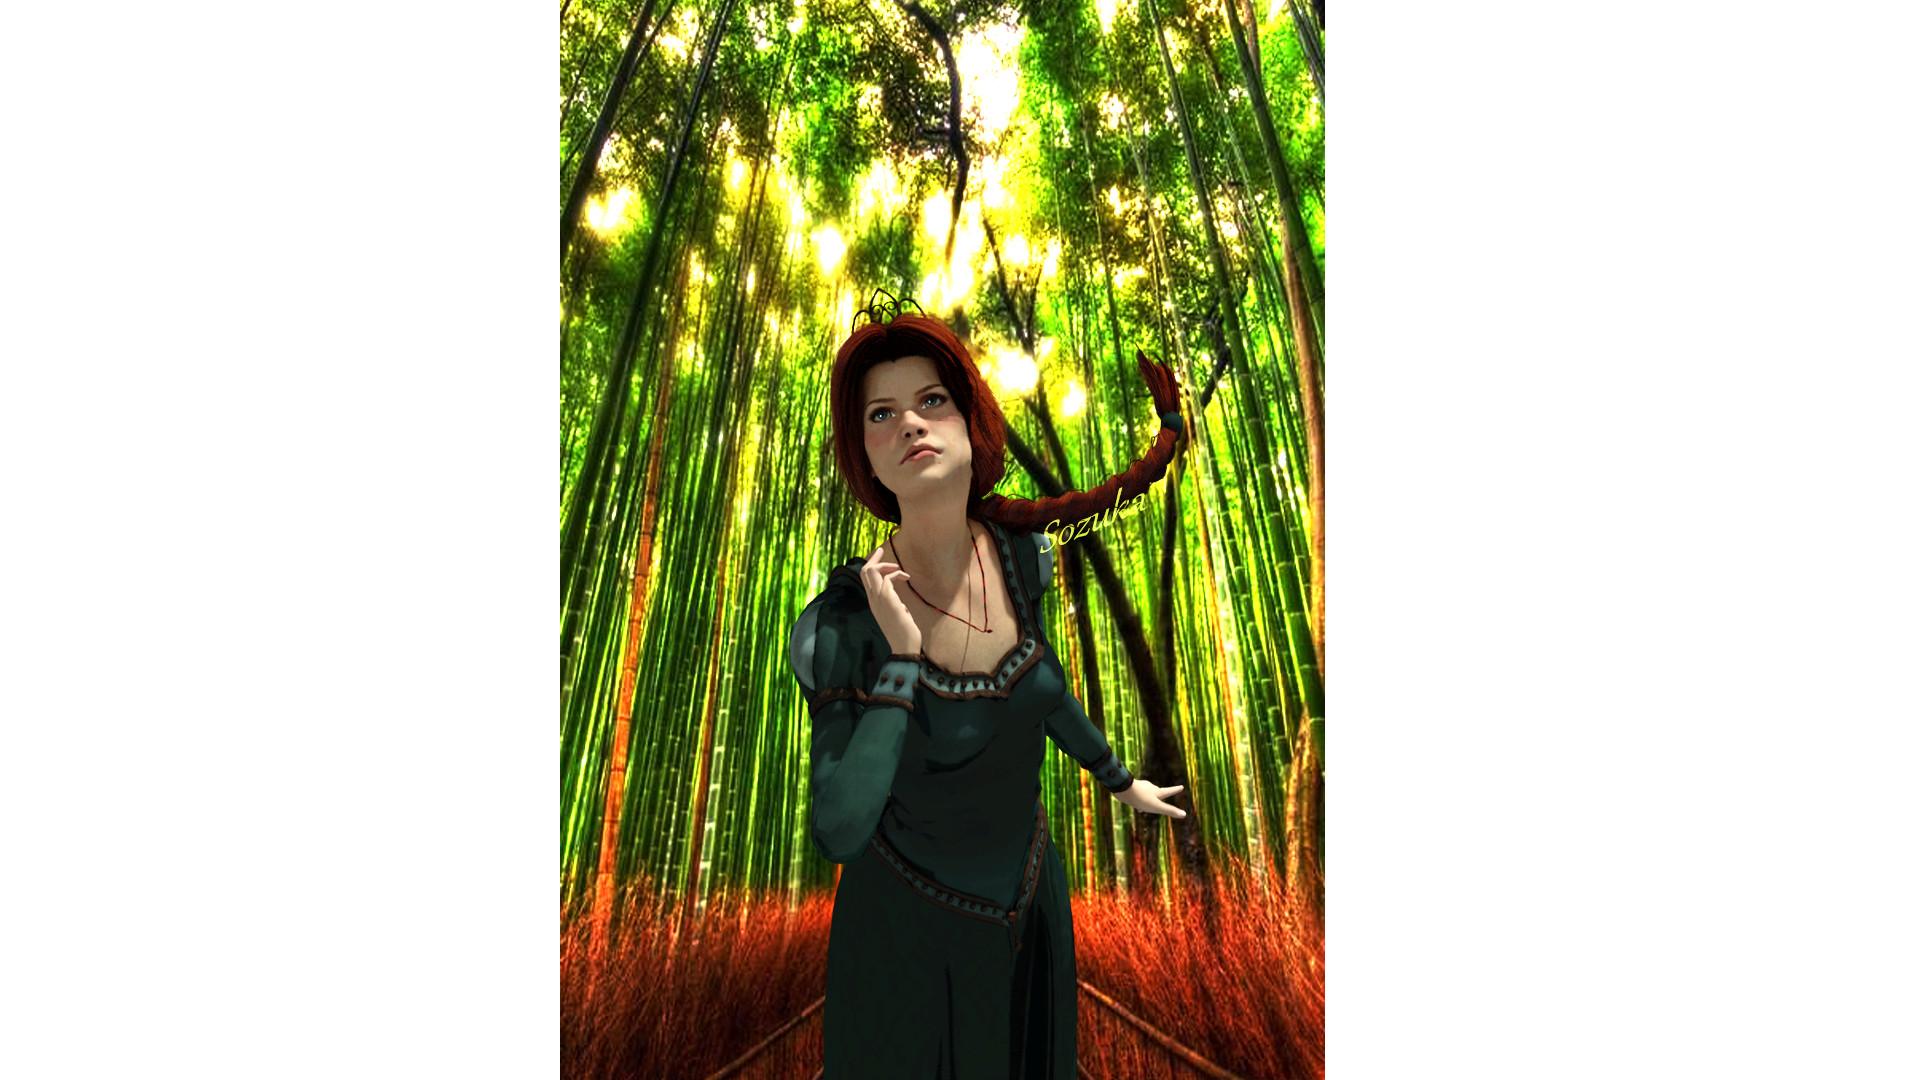 Lost:. by Sozuka [Shrek 2-Fiona] .:Lost:. by Sozuka